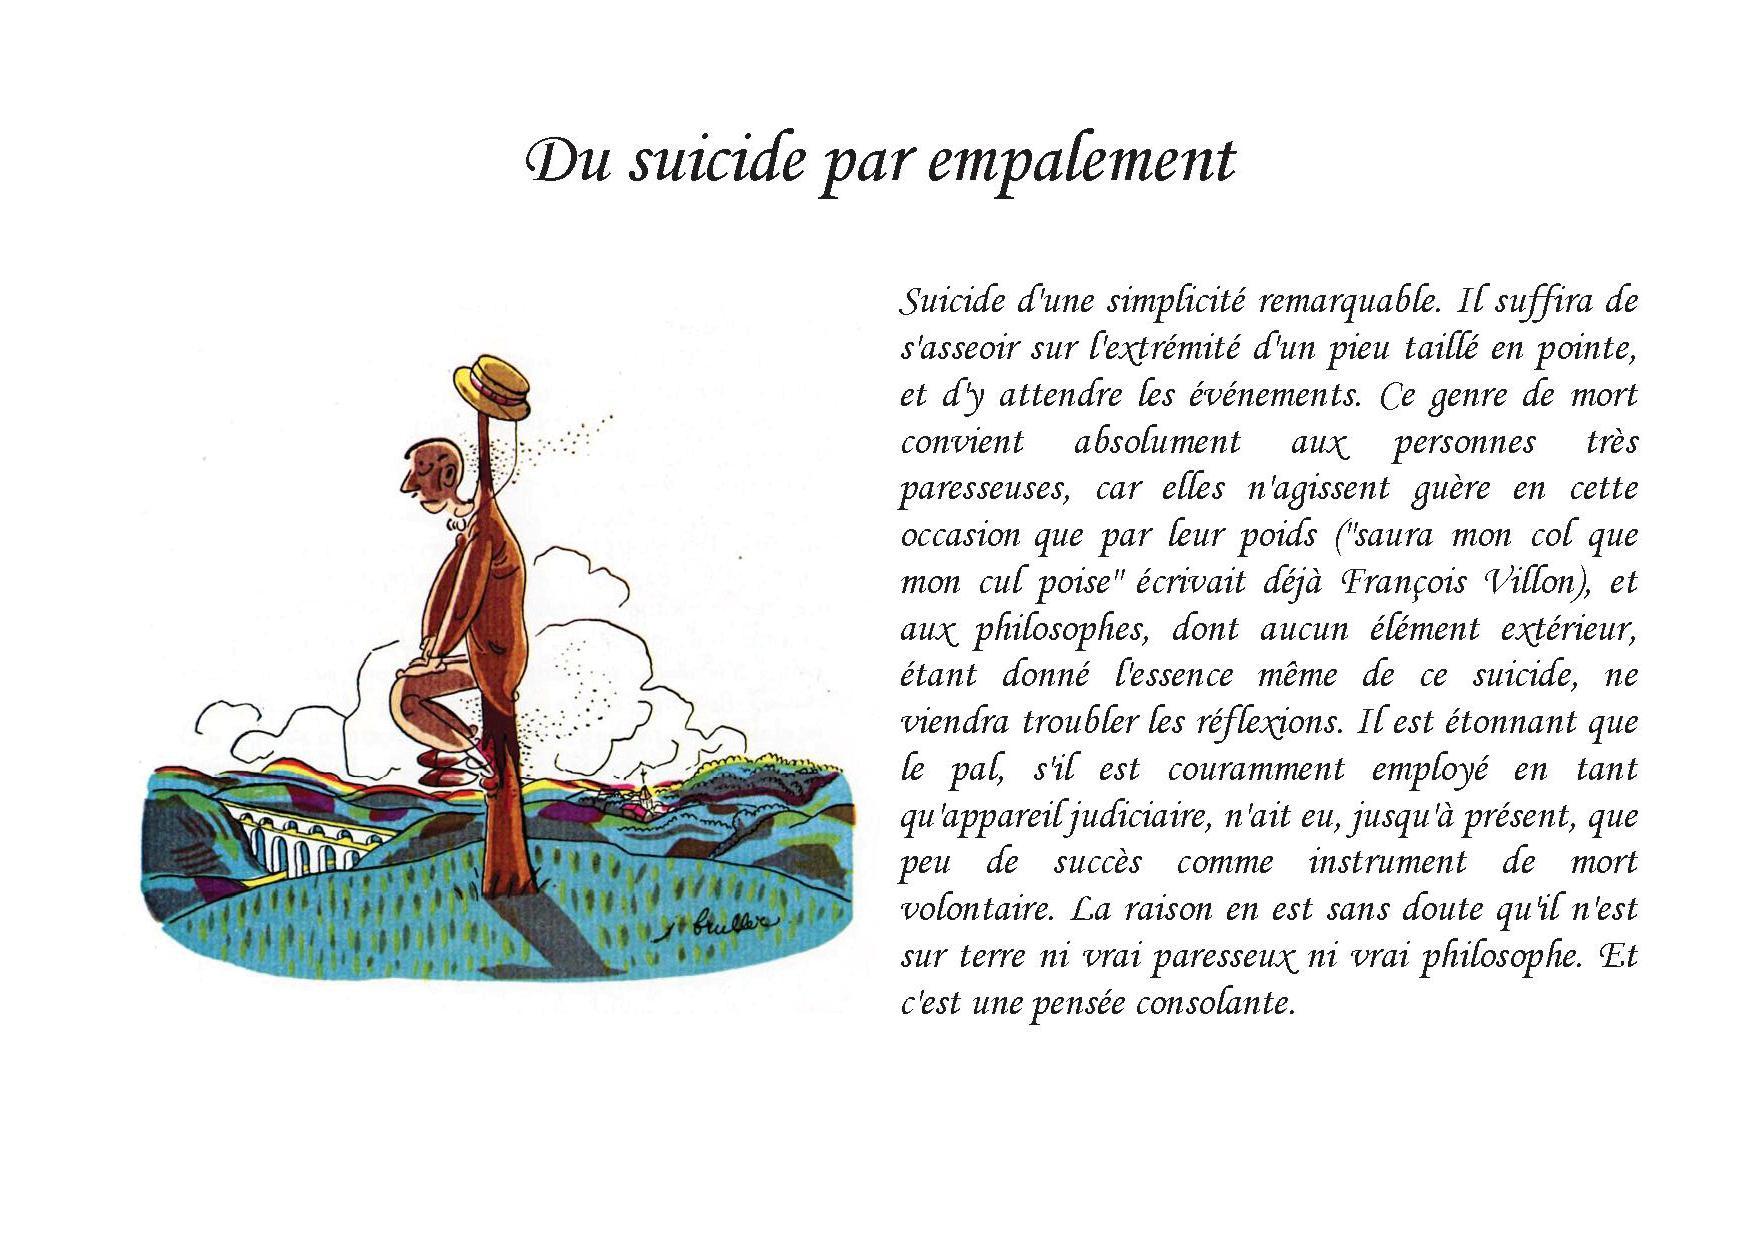 Du suicide par empalement